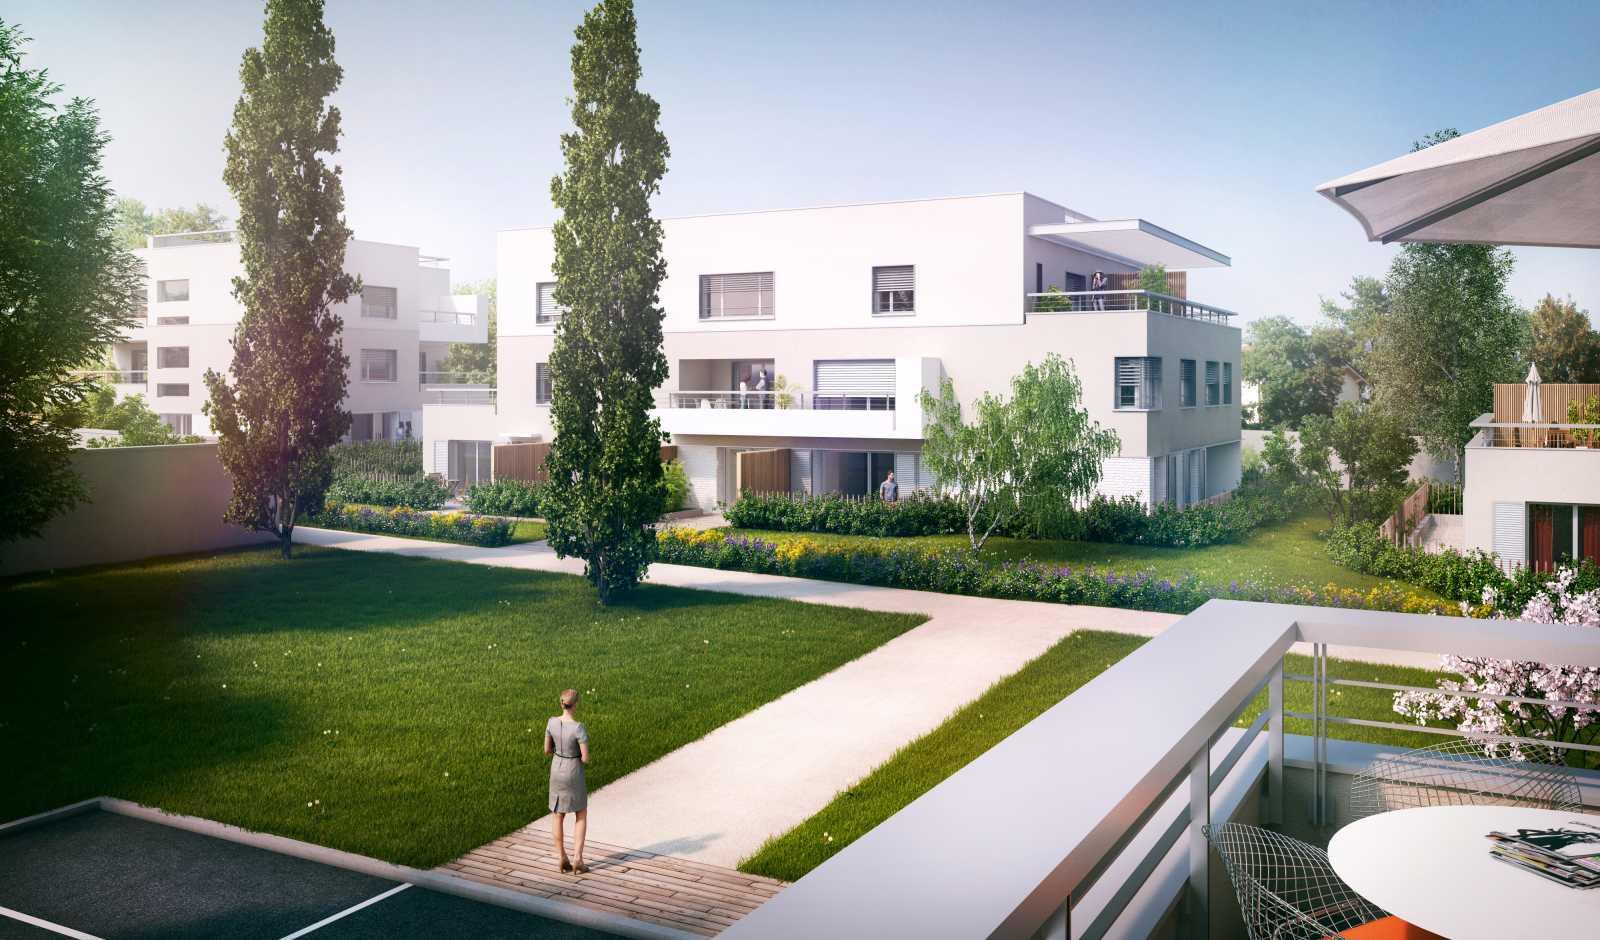 Les bruy res sier constructeur immobilier lyon for Constructeur immobilier